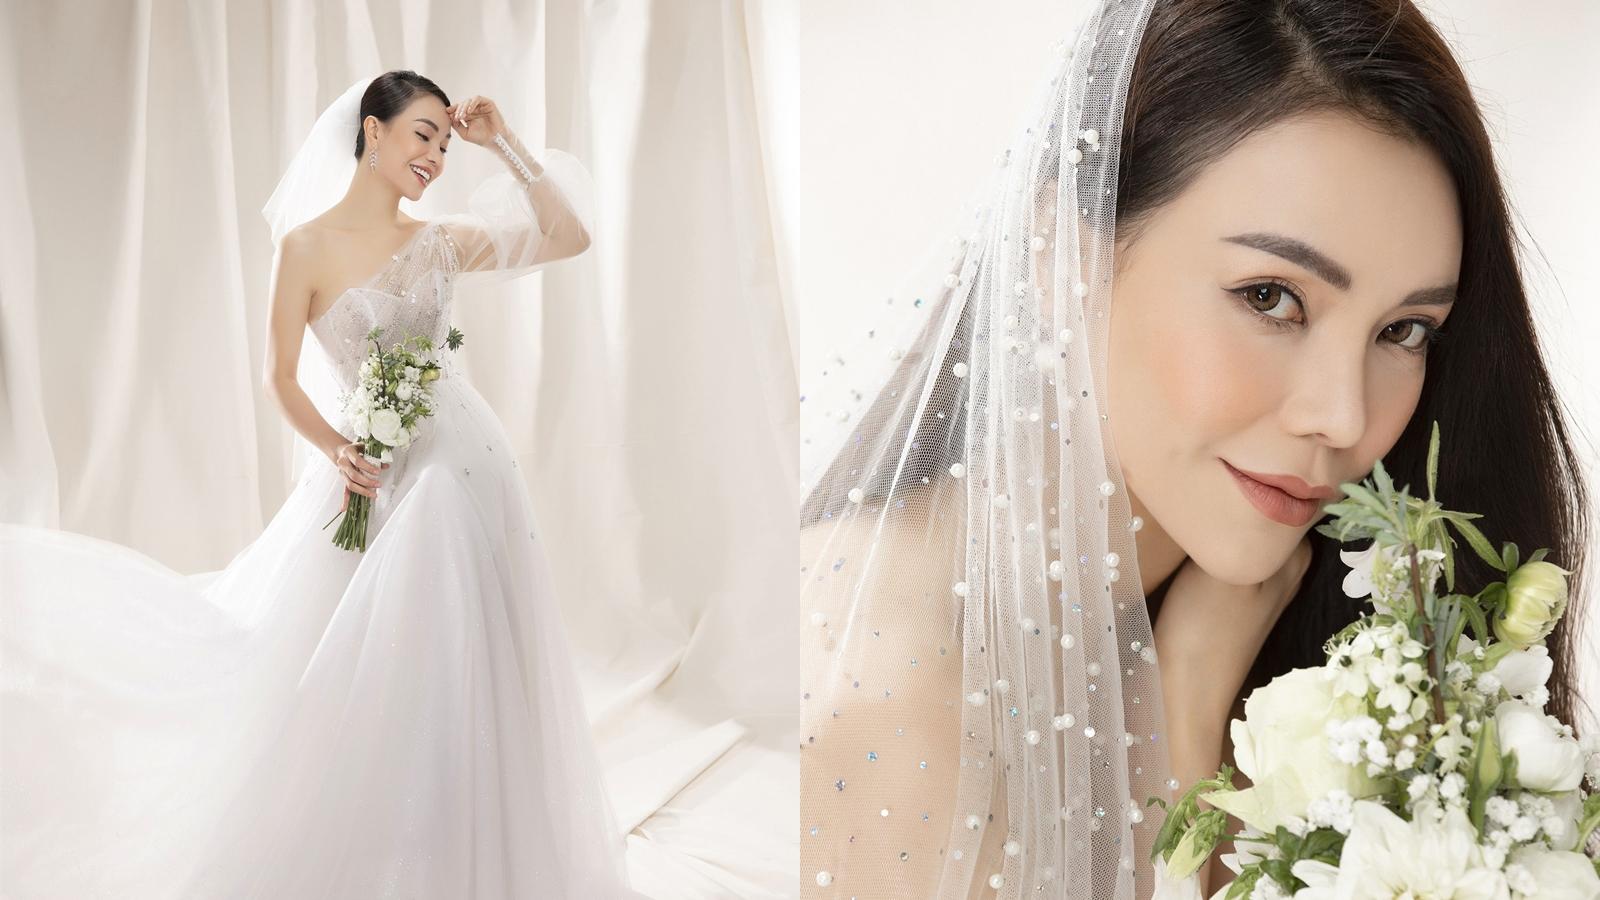 Trà Ngọc Hằng tung ảnh cưới đặc biệt nhân dịp Valentine - 3